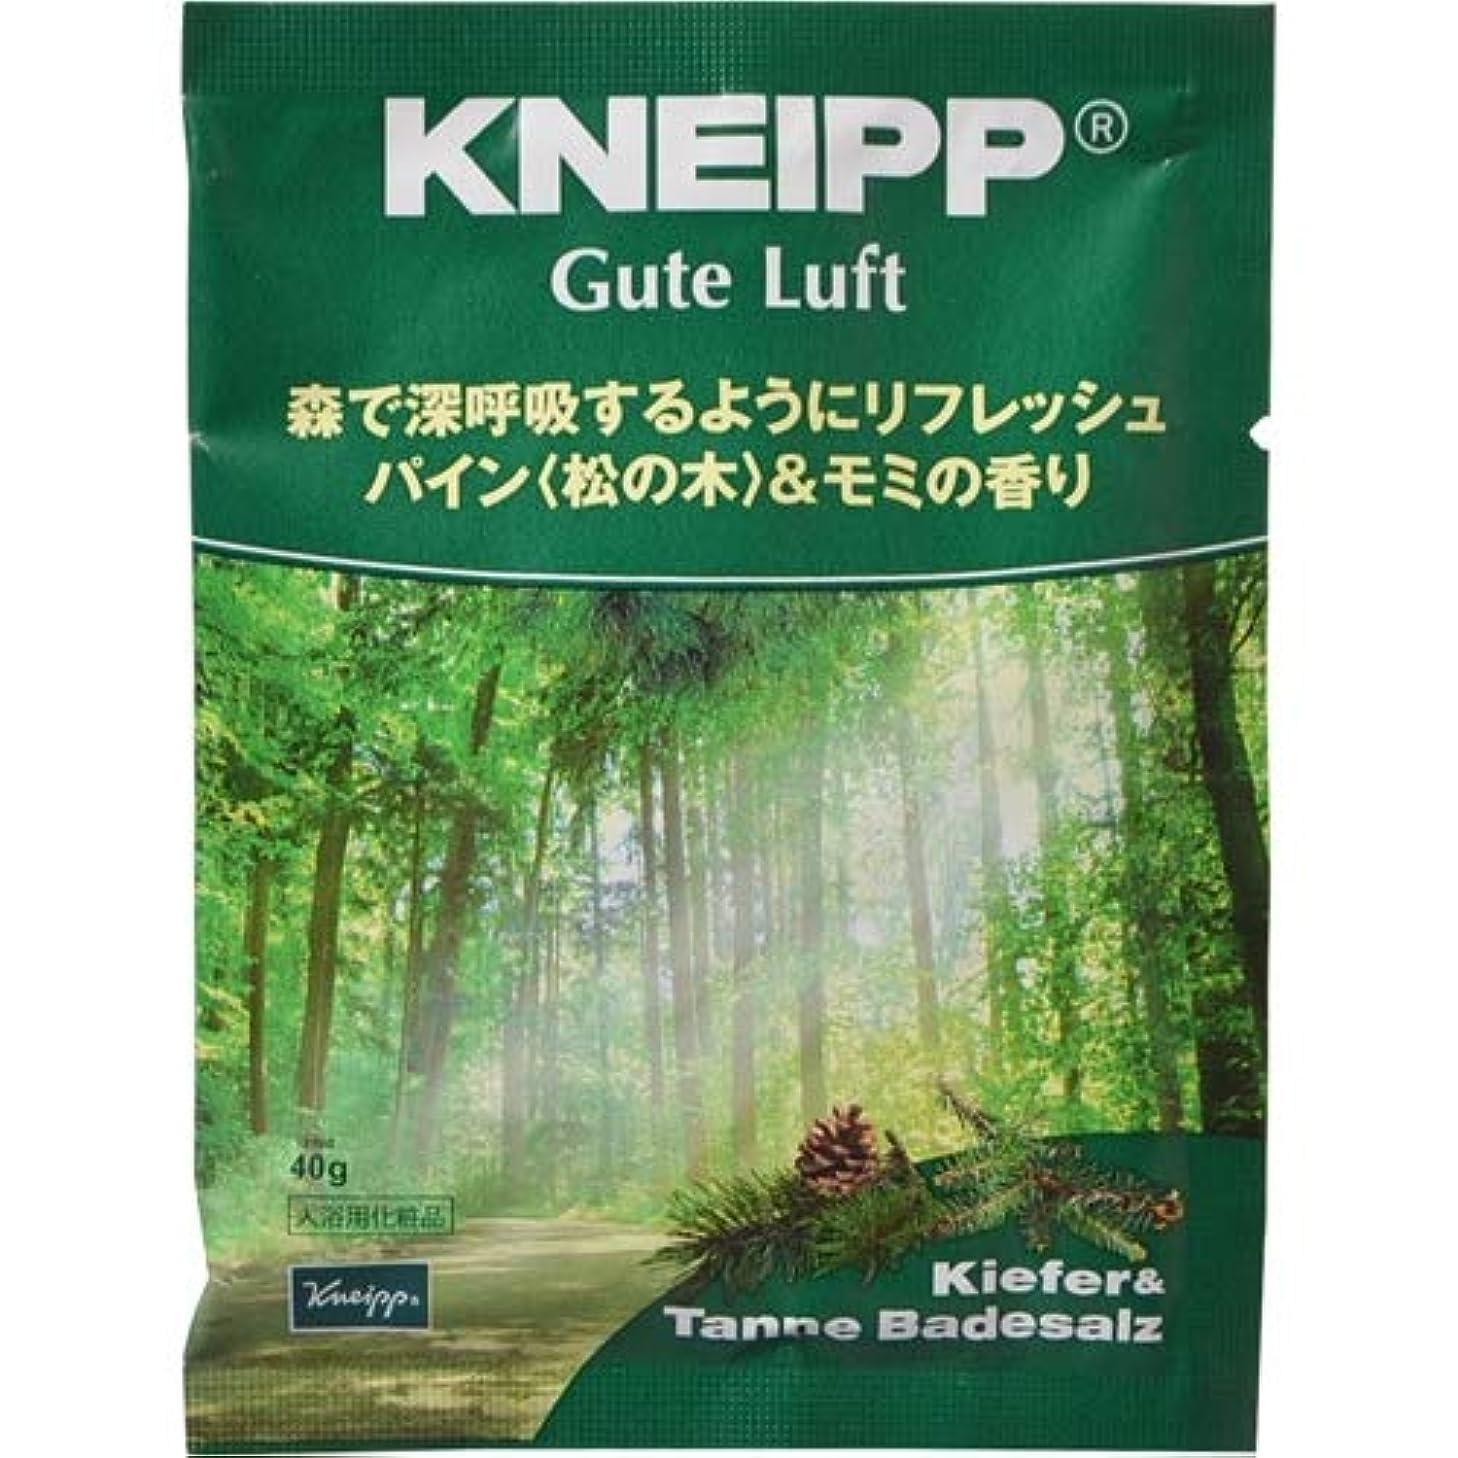 雪の男らしい服クナイプ?ジャパン クナイプ グーテルフト バスソルト パイン<松の木>&モミの香り 40g